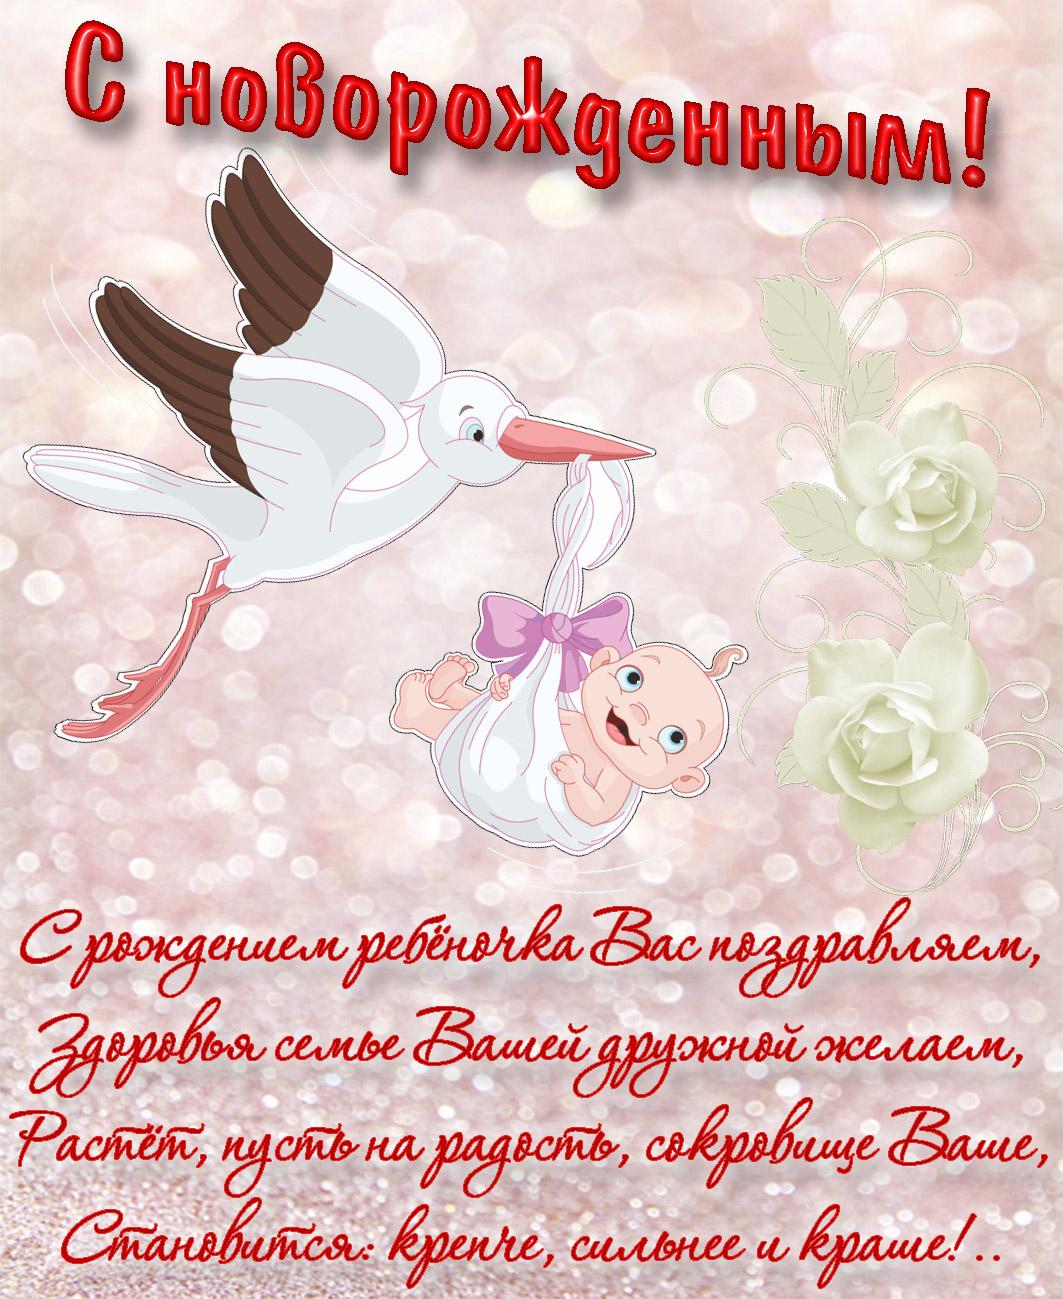 Поздравления с рождением дочери от коллег открытки, гатчине открытка нов